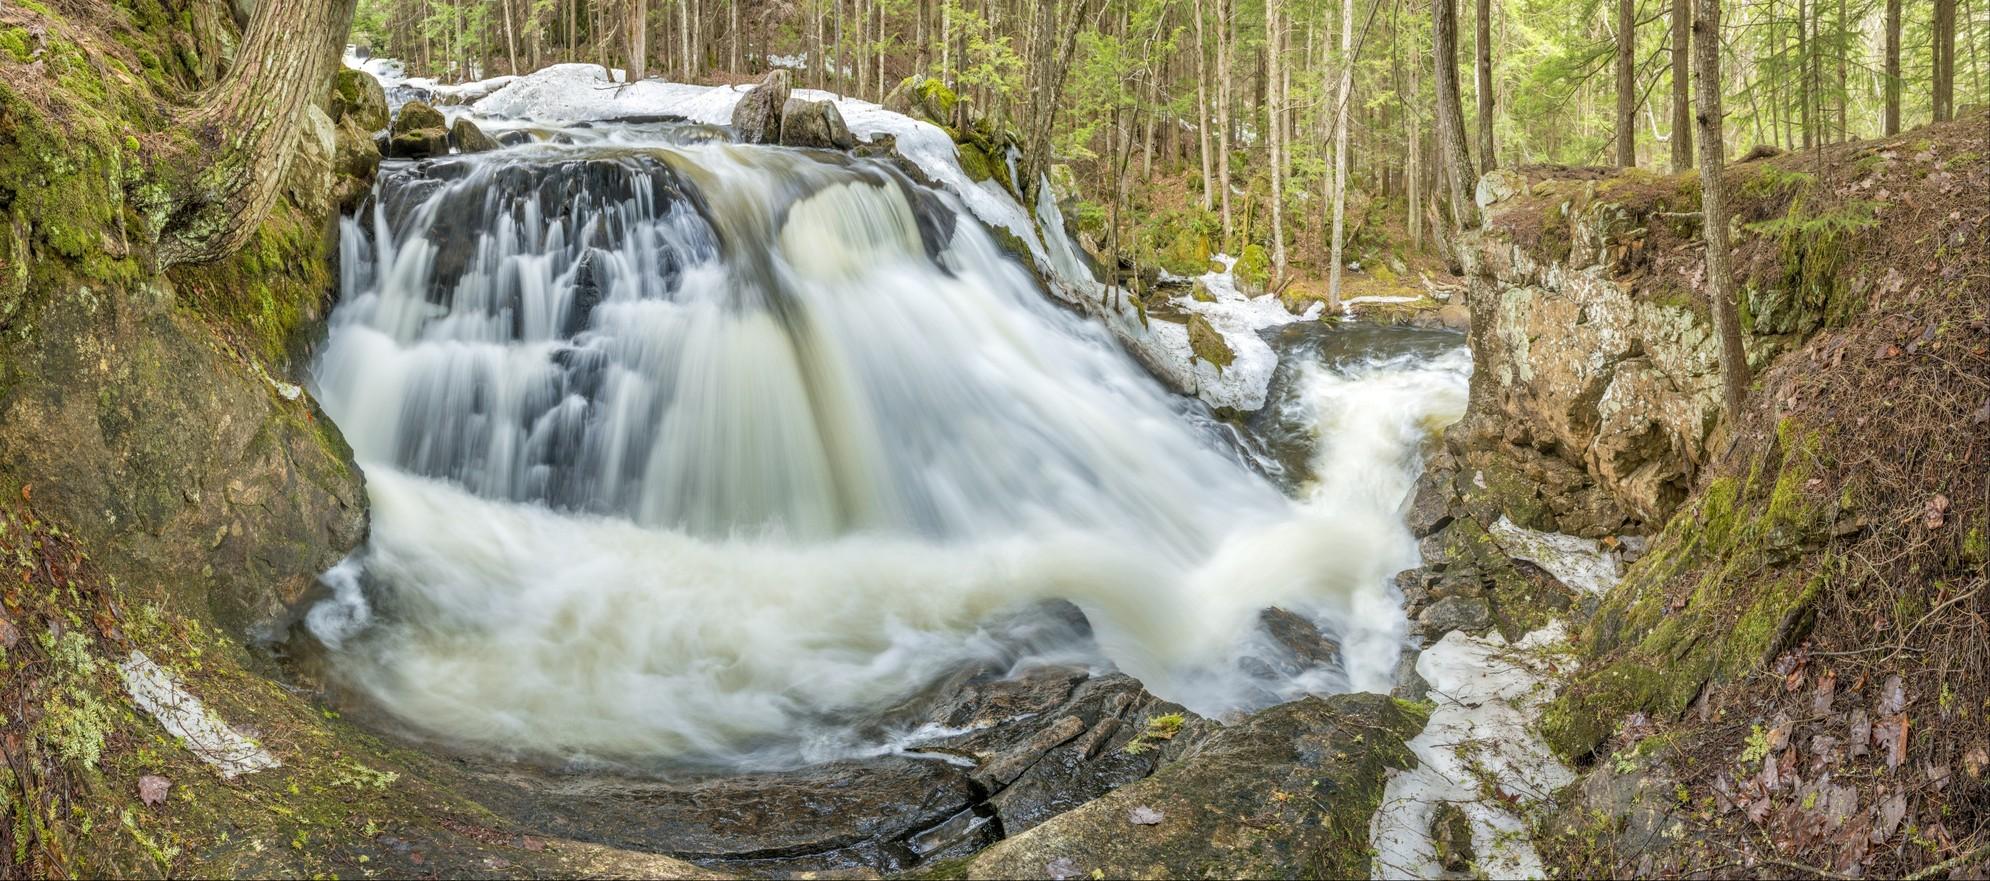 Bicknell Big Falls